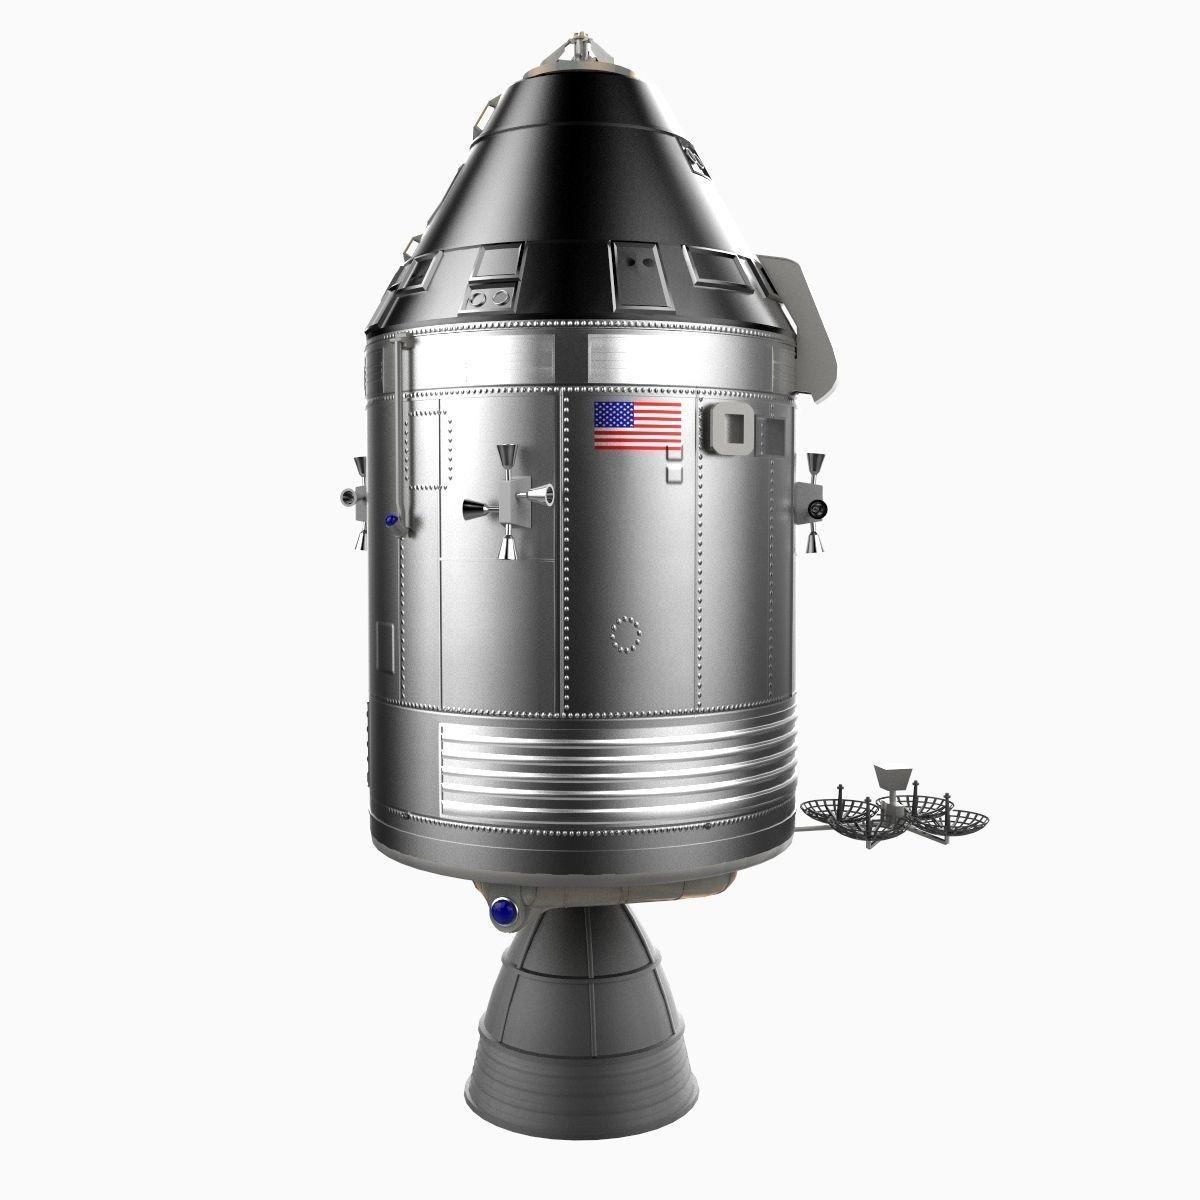 apollo spacecraft command module - photo #25